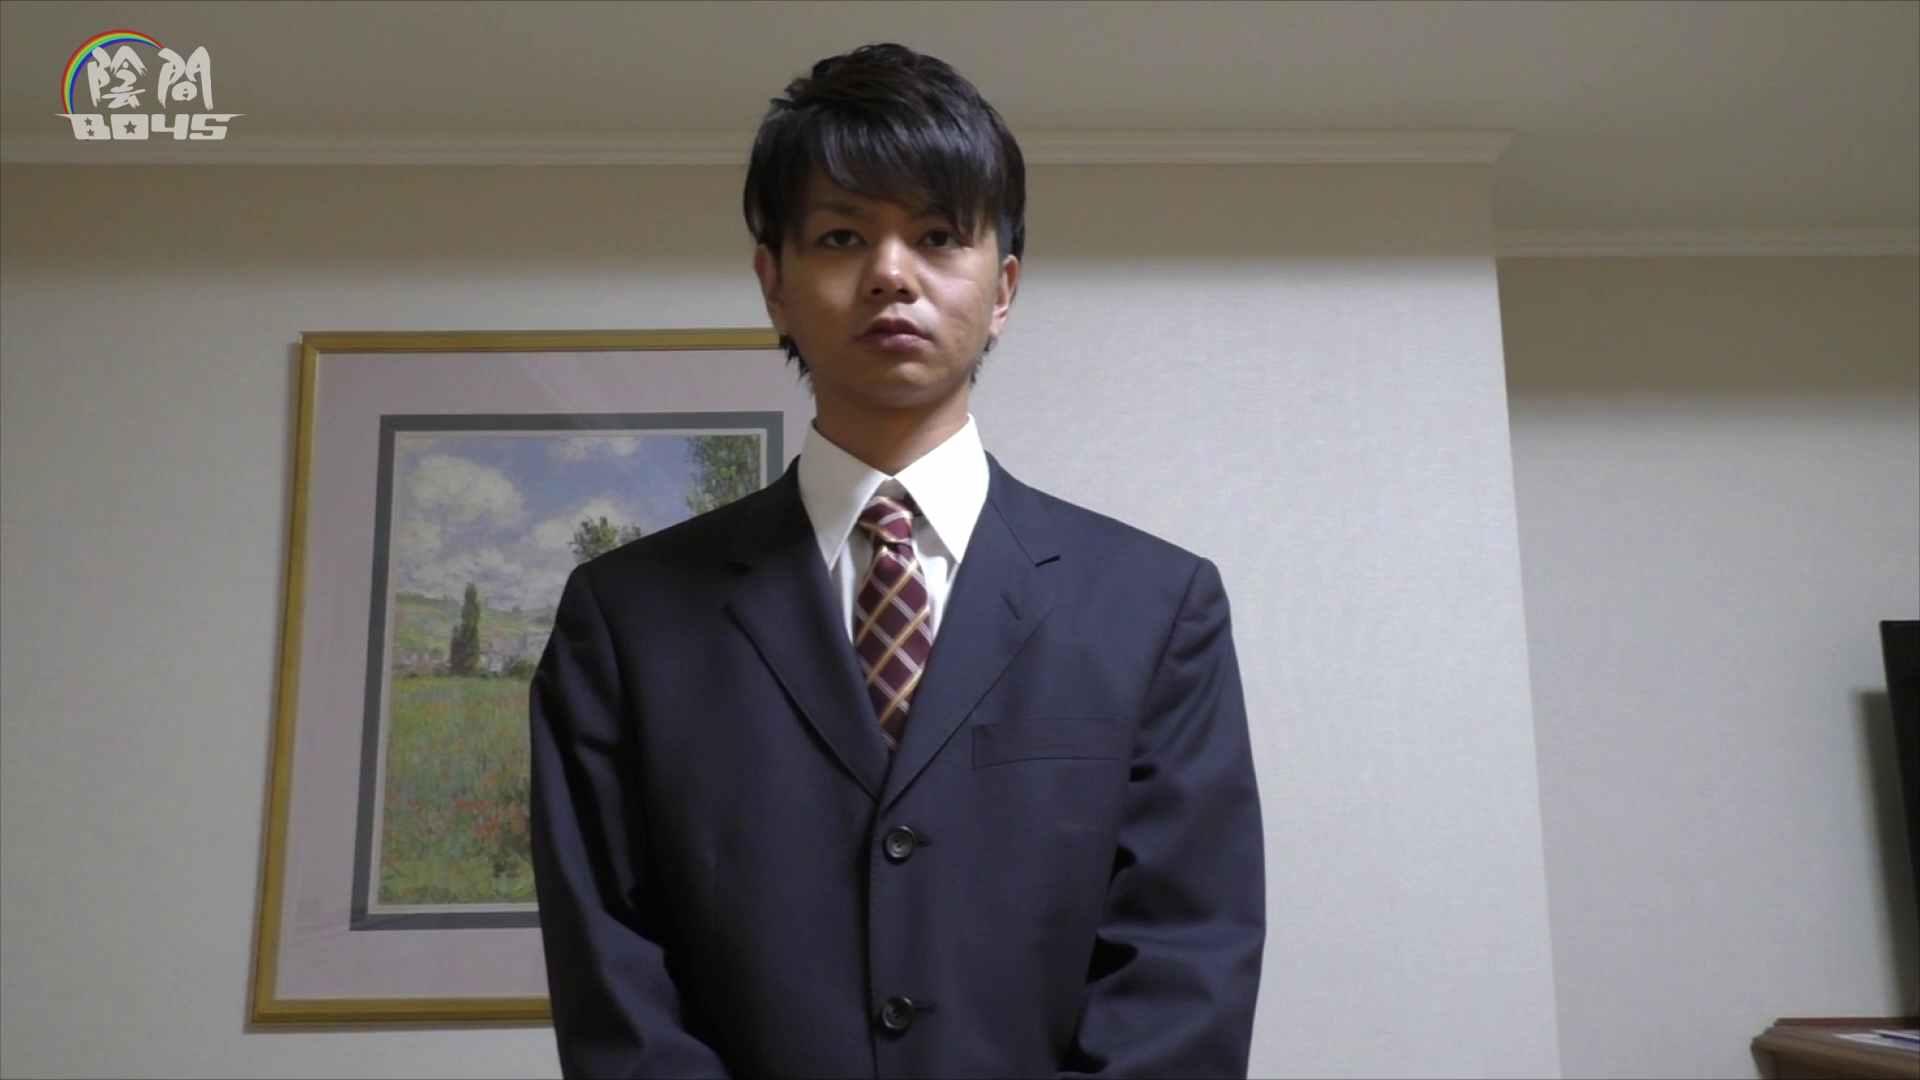 陰間BOYS~キャバクラの仕事はアナルから4 Vol.01 モザイク無し エロビデオ紹介 75pic